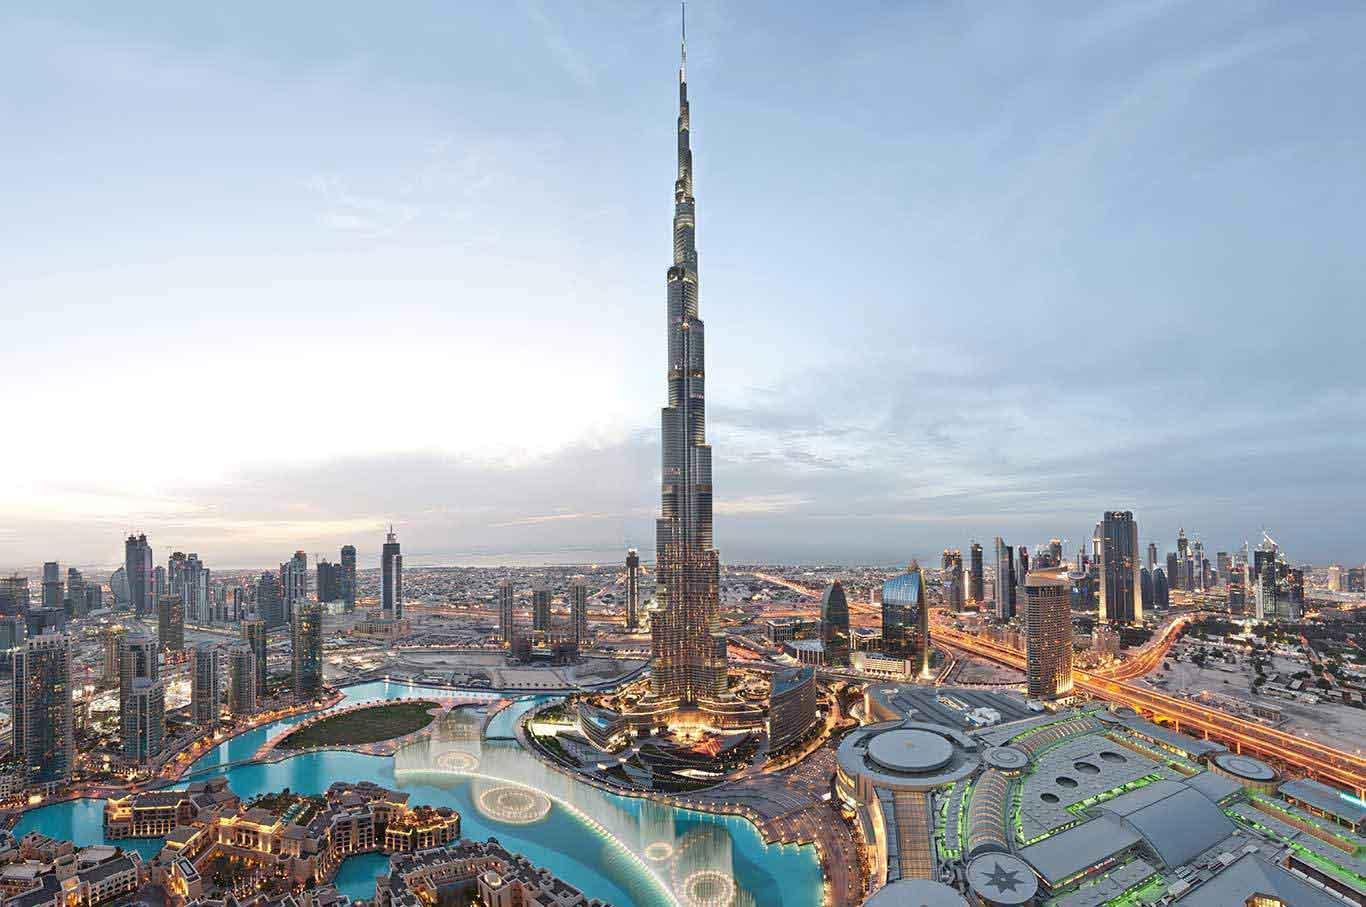 تقرير مميز عن فندق رويال كونتيننتال دبي